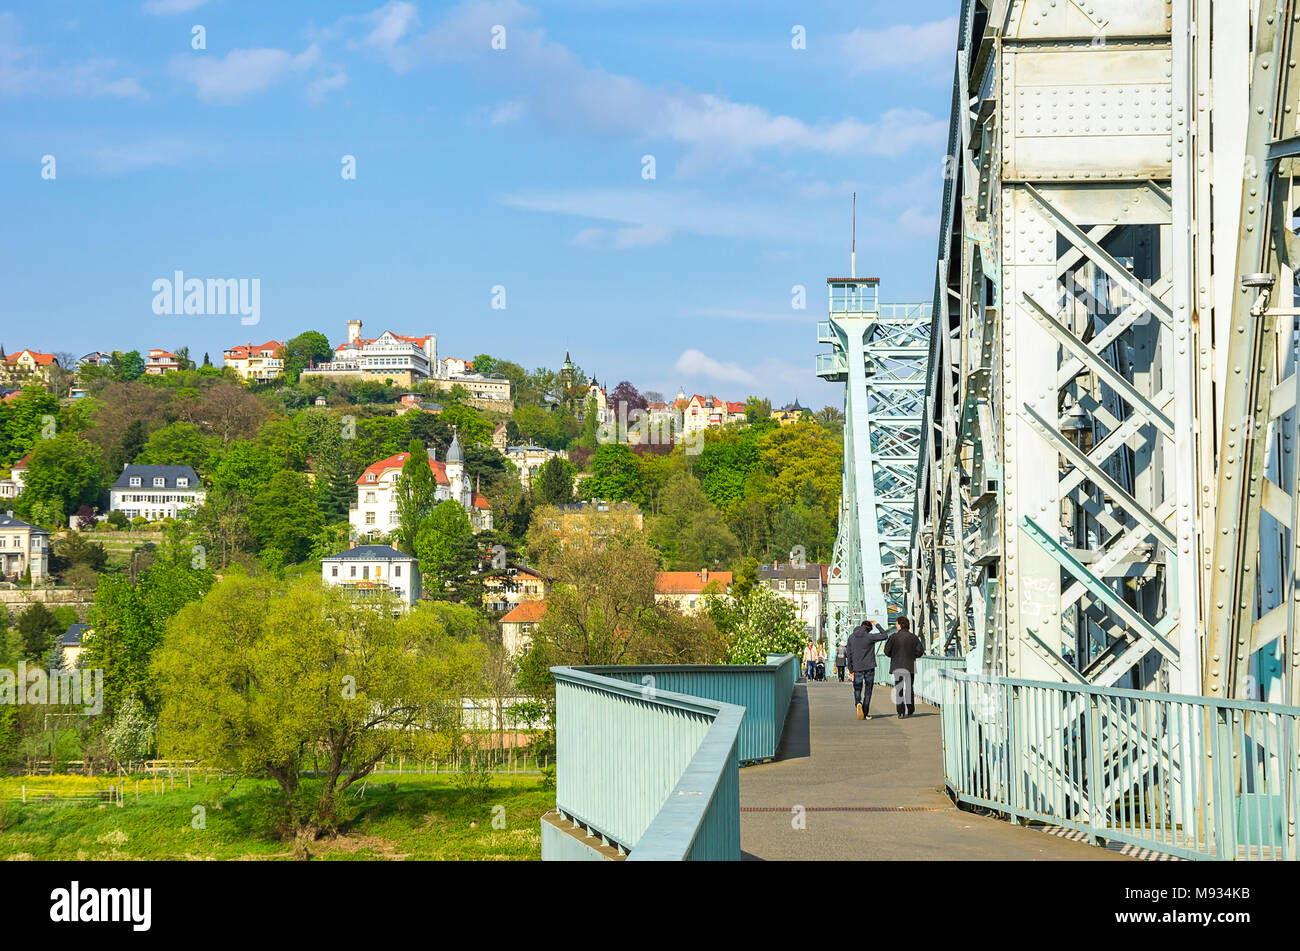 Dresden, Sachsen, Deutschland - Blick von der Brücke Blaues Wunder zu den Pisten am Ufer des Flusses Elbe im Stadtteil Loschwitz. Stockbild